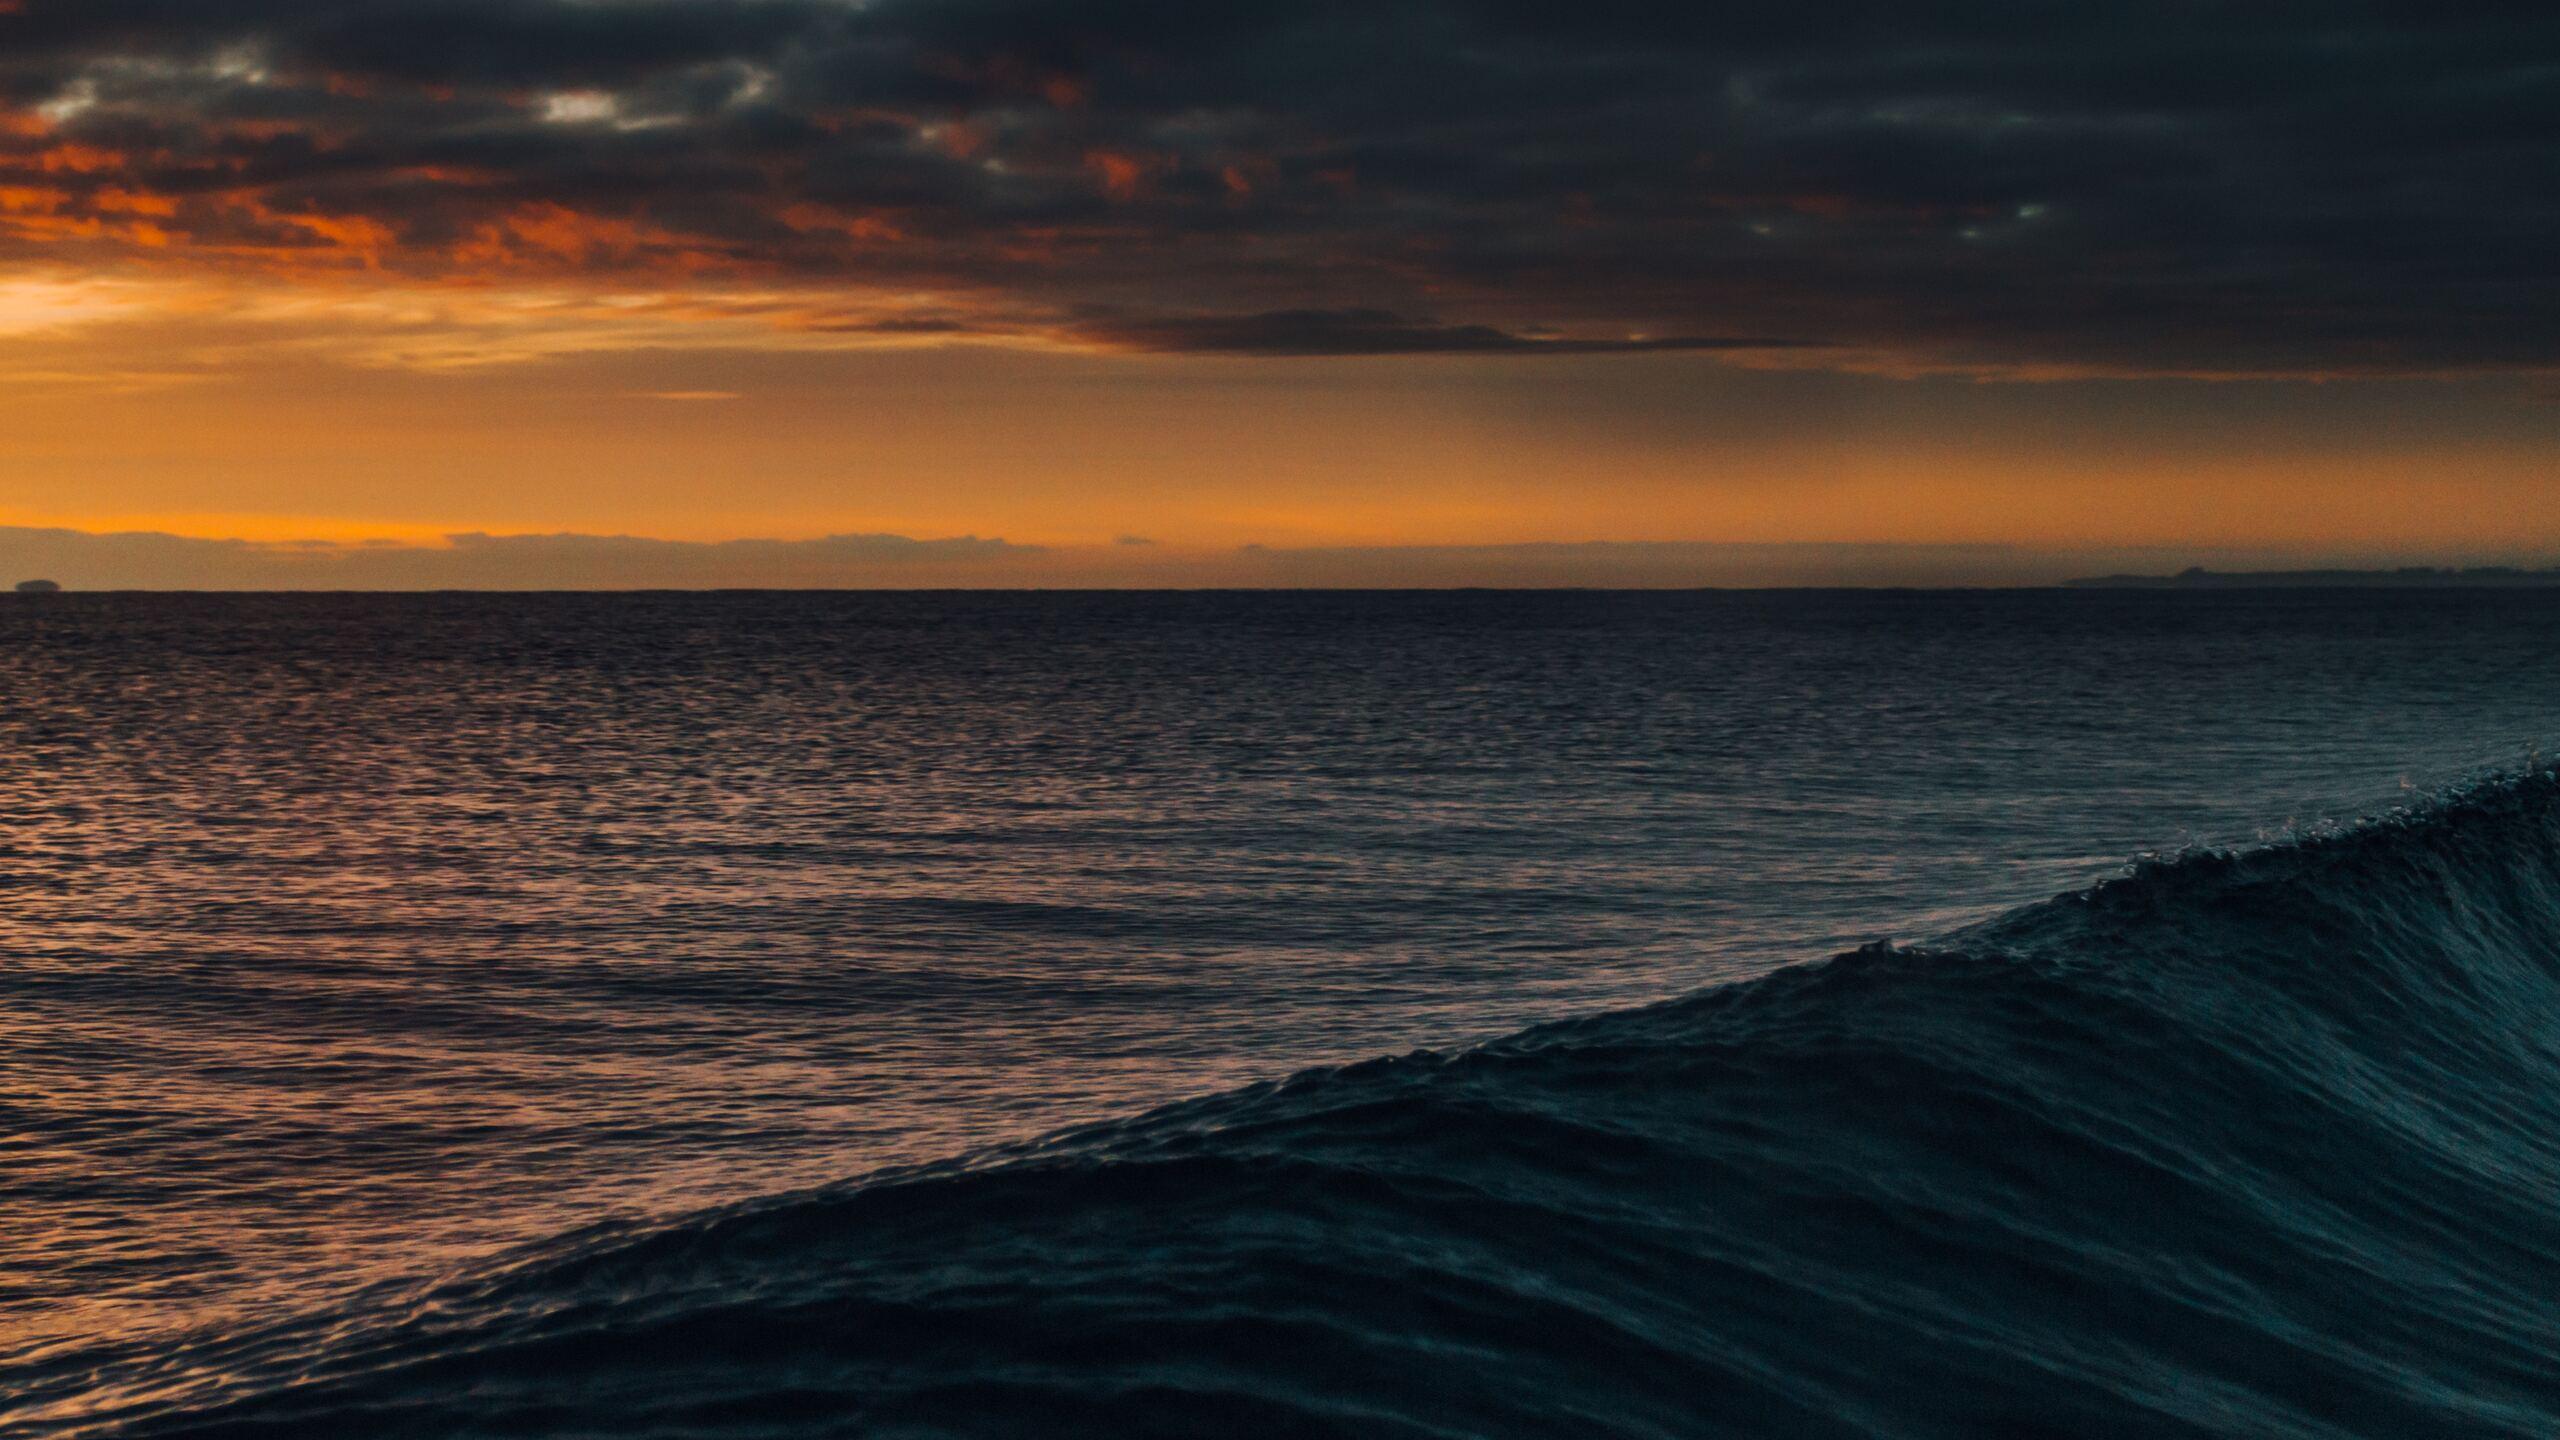 waves-cloudscape-dark-orange-4k-vr.jpg